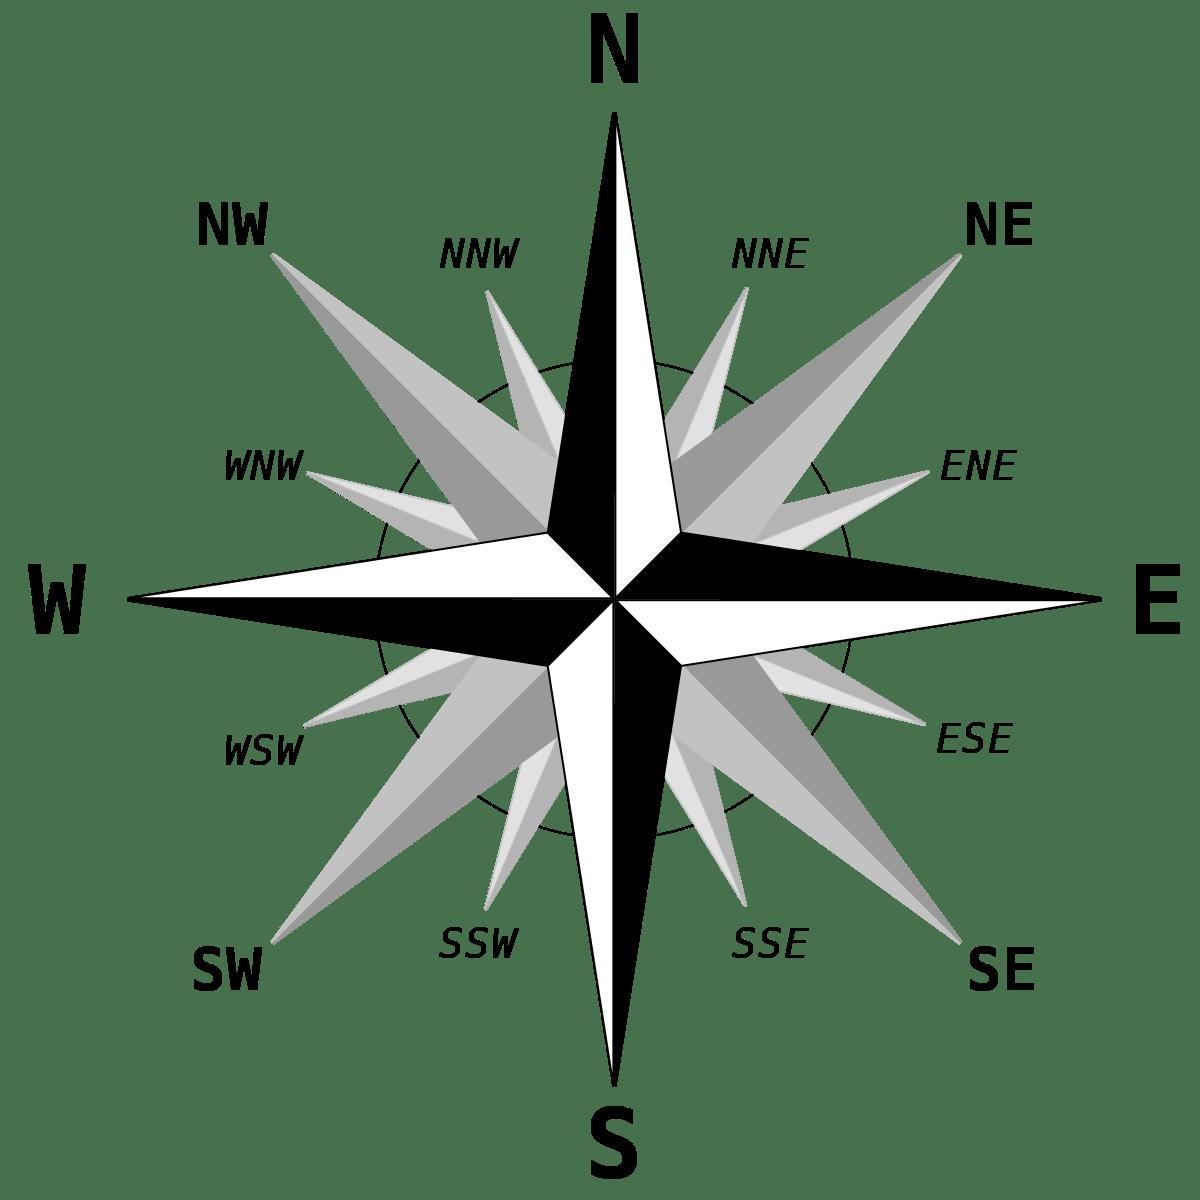 Kuinka määrittää ilman kompassia, jossa pohjoinen, etelä, länsi ja itä: käytännön neuvoja